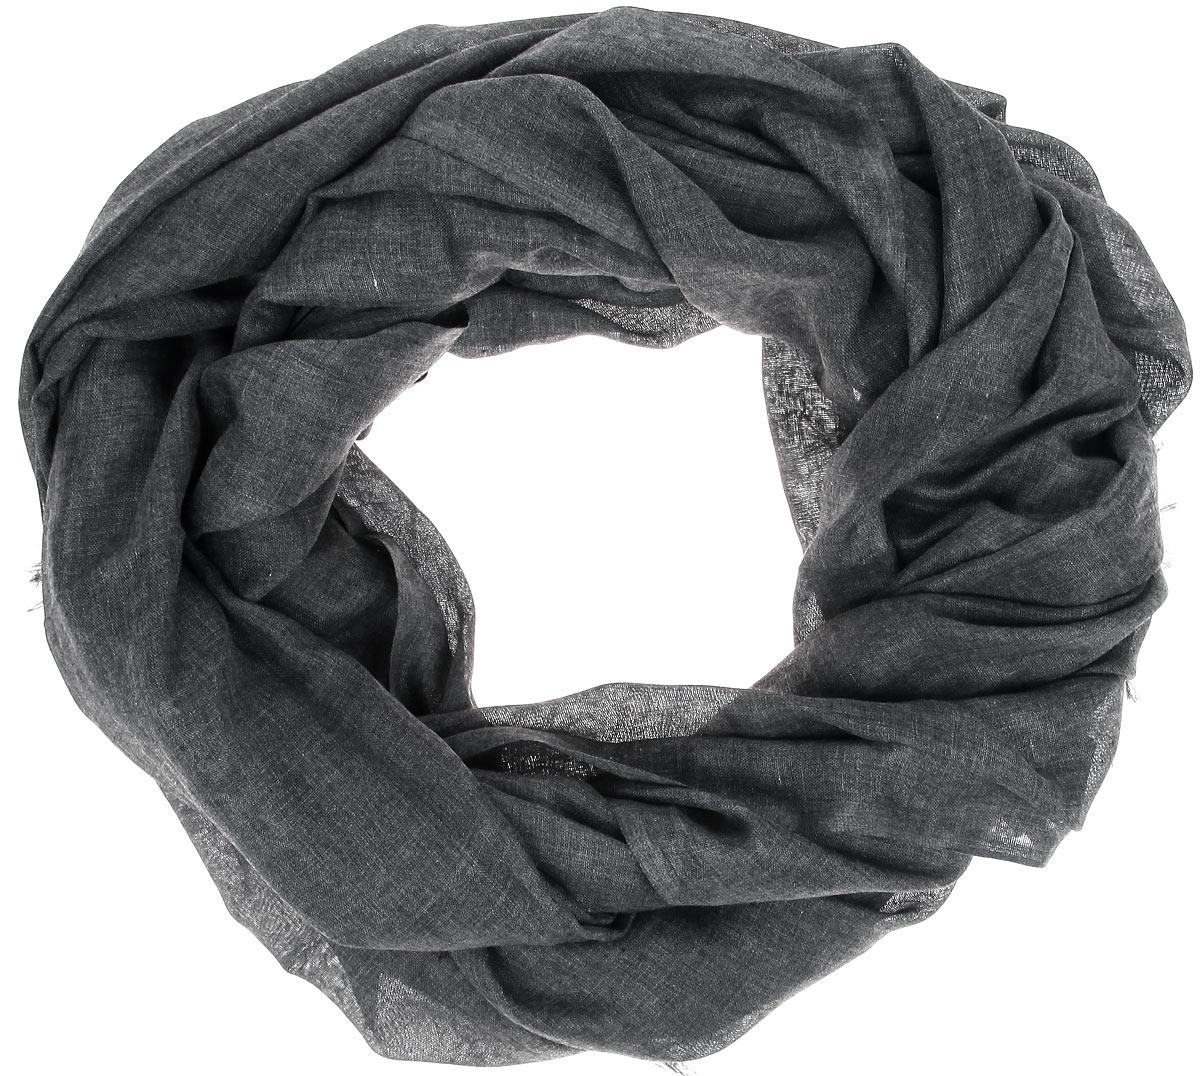 Палантин Sophie Ramage, цвет: темно-серый. GD-21513-13. Размер 90 см х 180 смGD-21513-13Палантин Sophie Ramage позволит вам создать неповторимый и запоминающийся образ. Благодаря своему составу, в который входит модал и шерсть, он теплый, мягкий, имеет приятную на ощупь текстуру. Однотонная модель оформлена оригинальным орнаментом, а по краям украшена короткой бахромой. Такой аксессуар станет стильным дополнением к гардеробу современной женщины, а также подаритощущение комфорта, тепла и уюта в прохладную погоду.